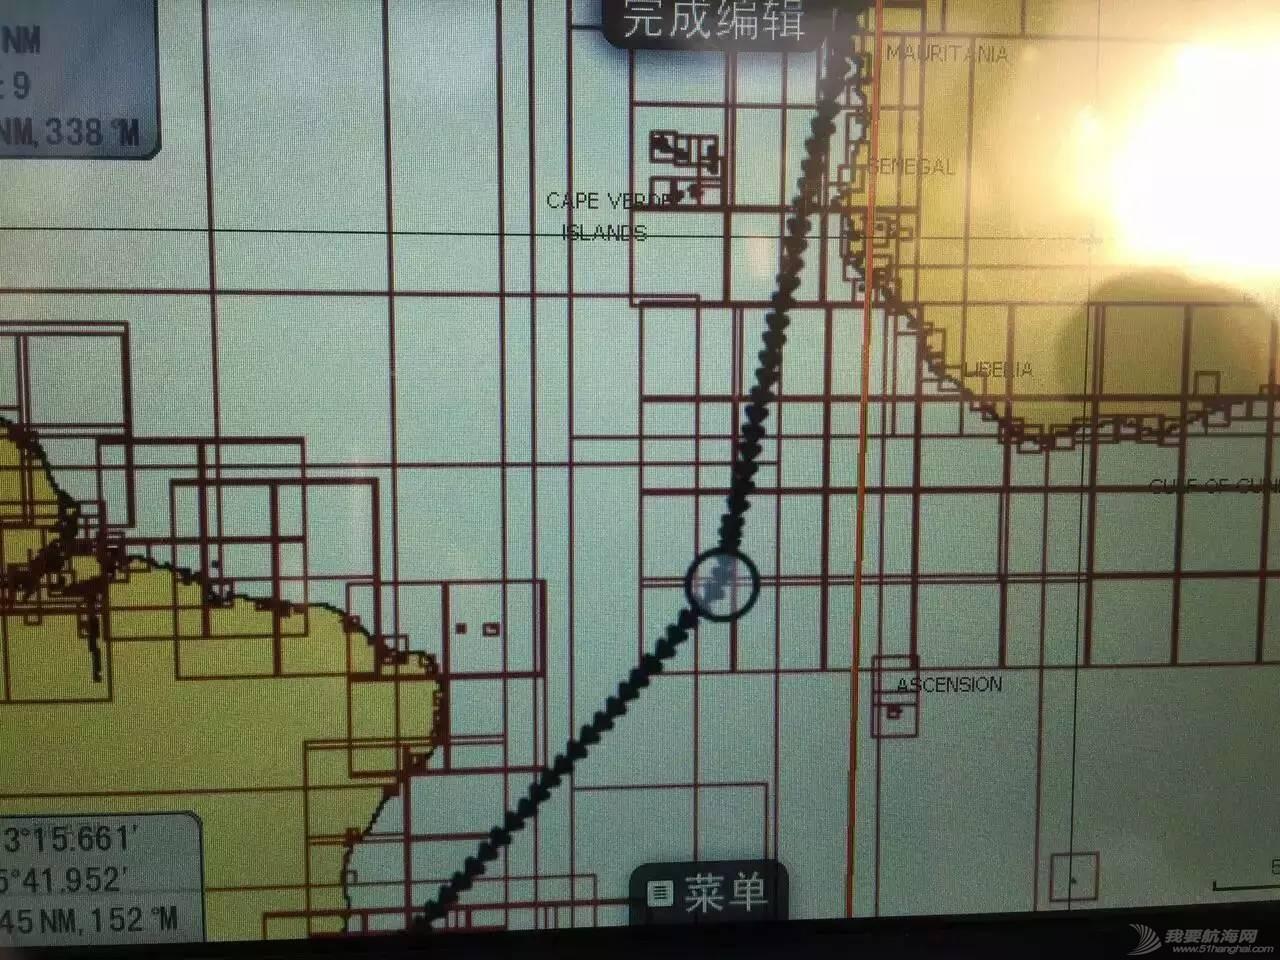 第二梦想号:前往巴西 b7a645c7c7e0ccbbc5acf0346c9b7eec.jpg